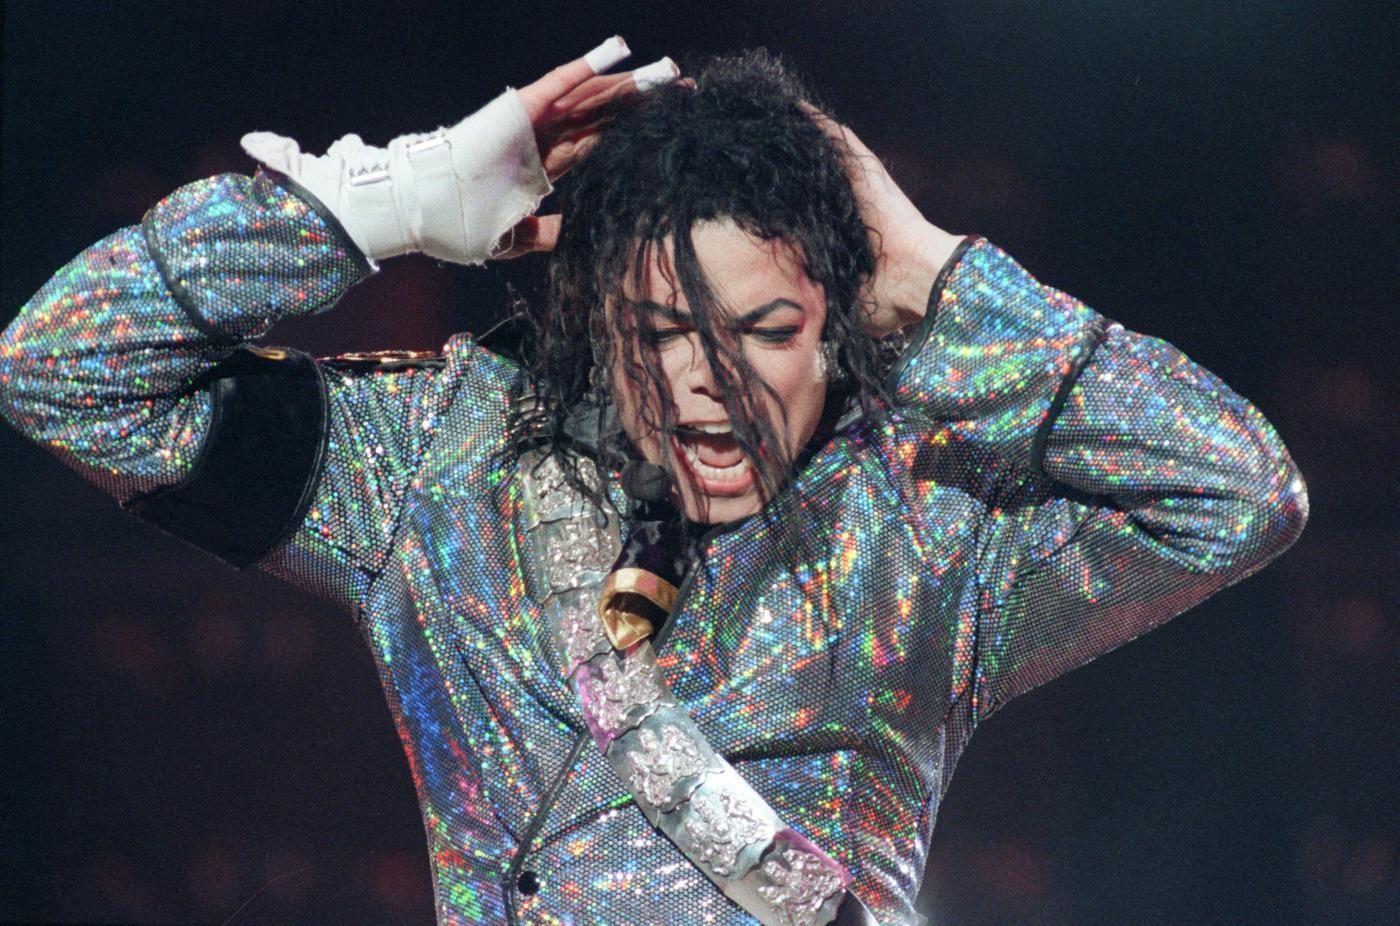 Michael Jackson news: nessun materiale compromettente è stato trovato a Neverland